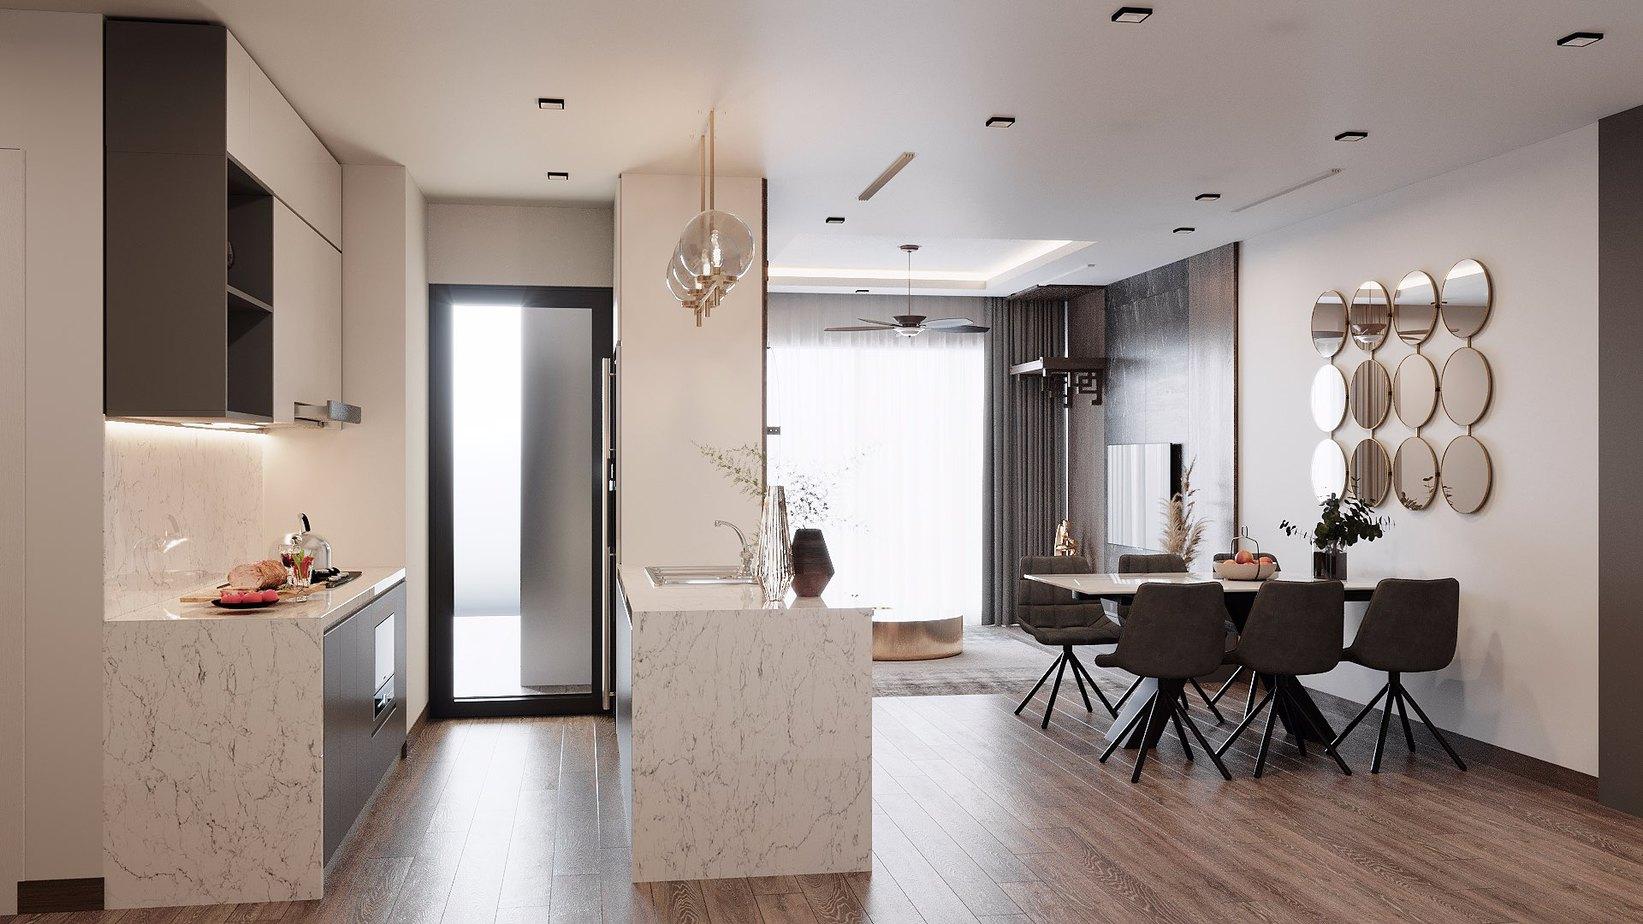 Tủ bếp chất liệu lõi MDF phủ Laminate giá thành hợp lý, bền đẹp dài lâu. Tủ trên màu trắng, tủ dưới và đảo bếp ốp đá vân sáng màu tạo không gian sang trọng. Trong khu vực bếp chỉ 4m2, đảo bếp được thiết kế có bồn rửa để hỗ trợ tủ bếp kích thước nhỏ.